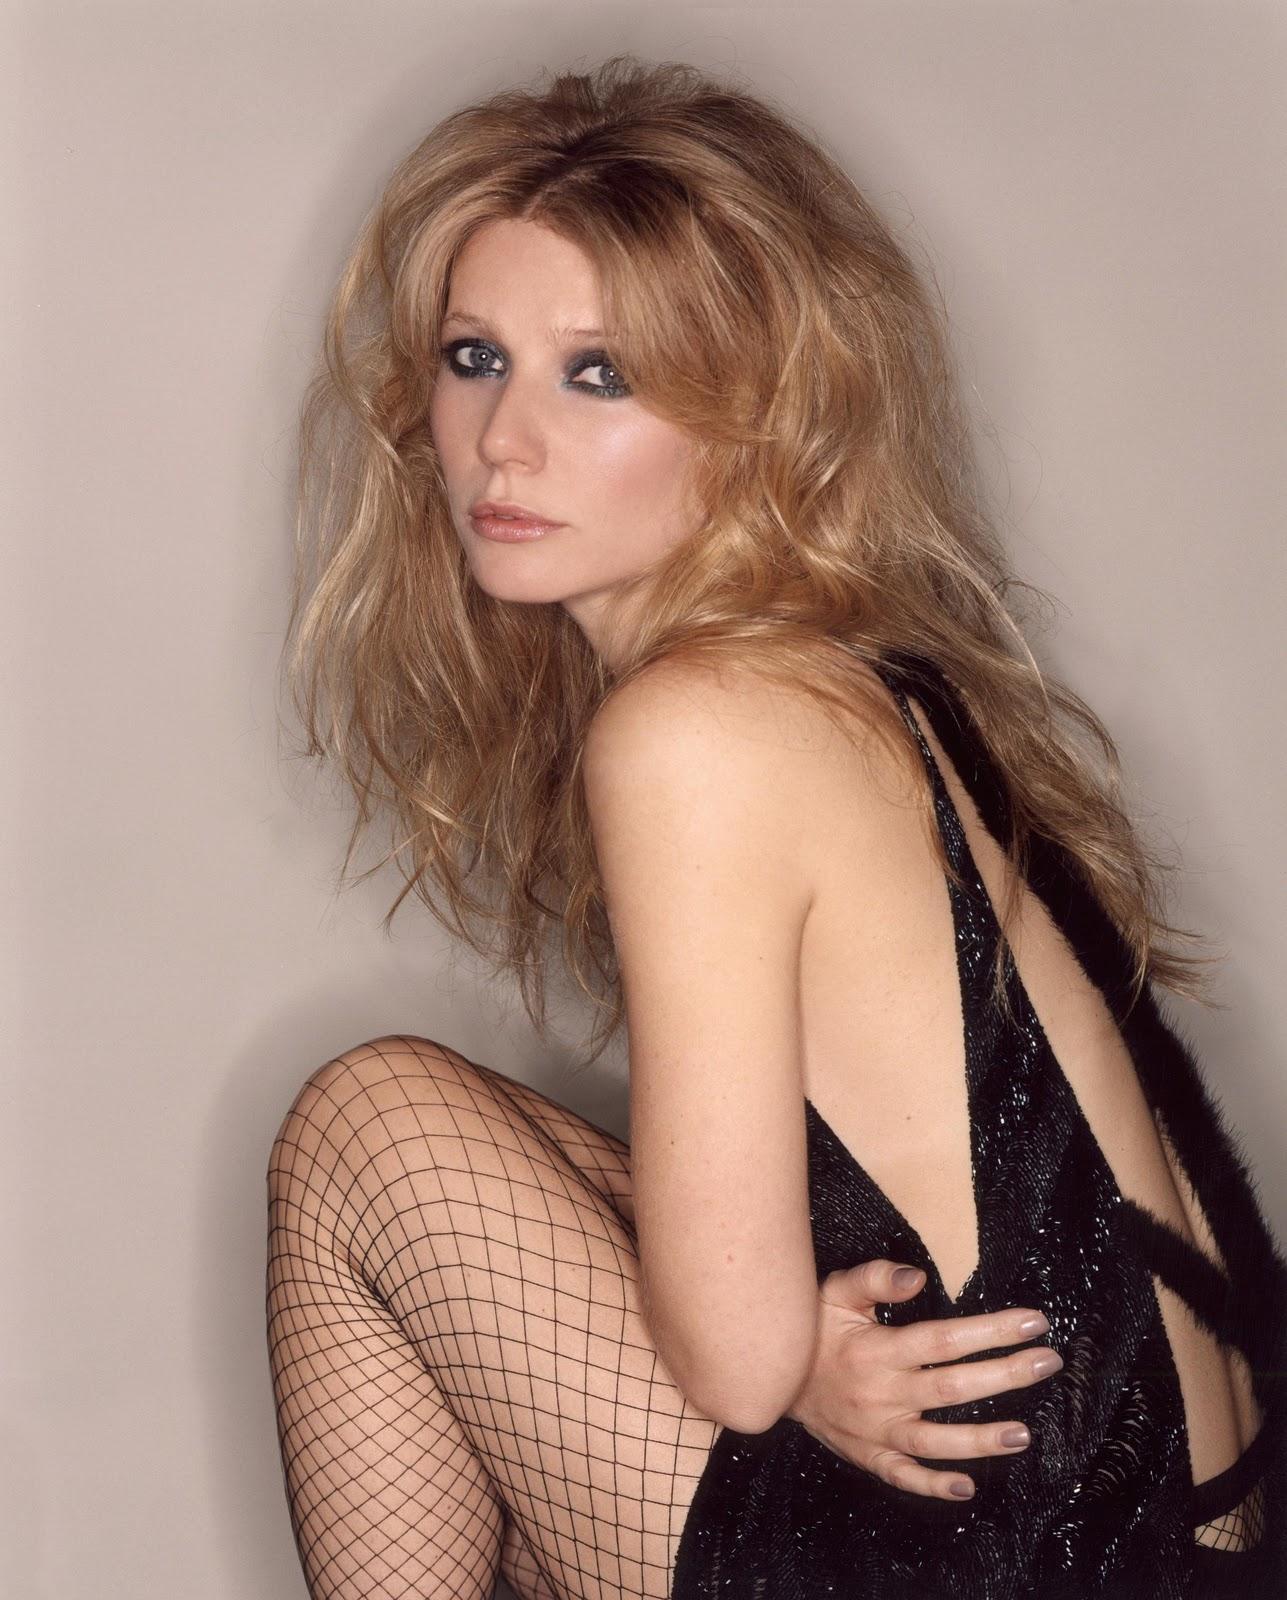 Gwyneth Paltrow Xxx with regard to hot girls xxx: gwyneth paltrow hot